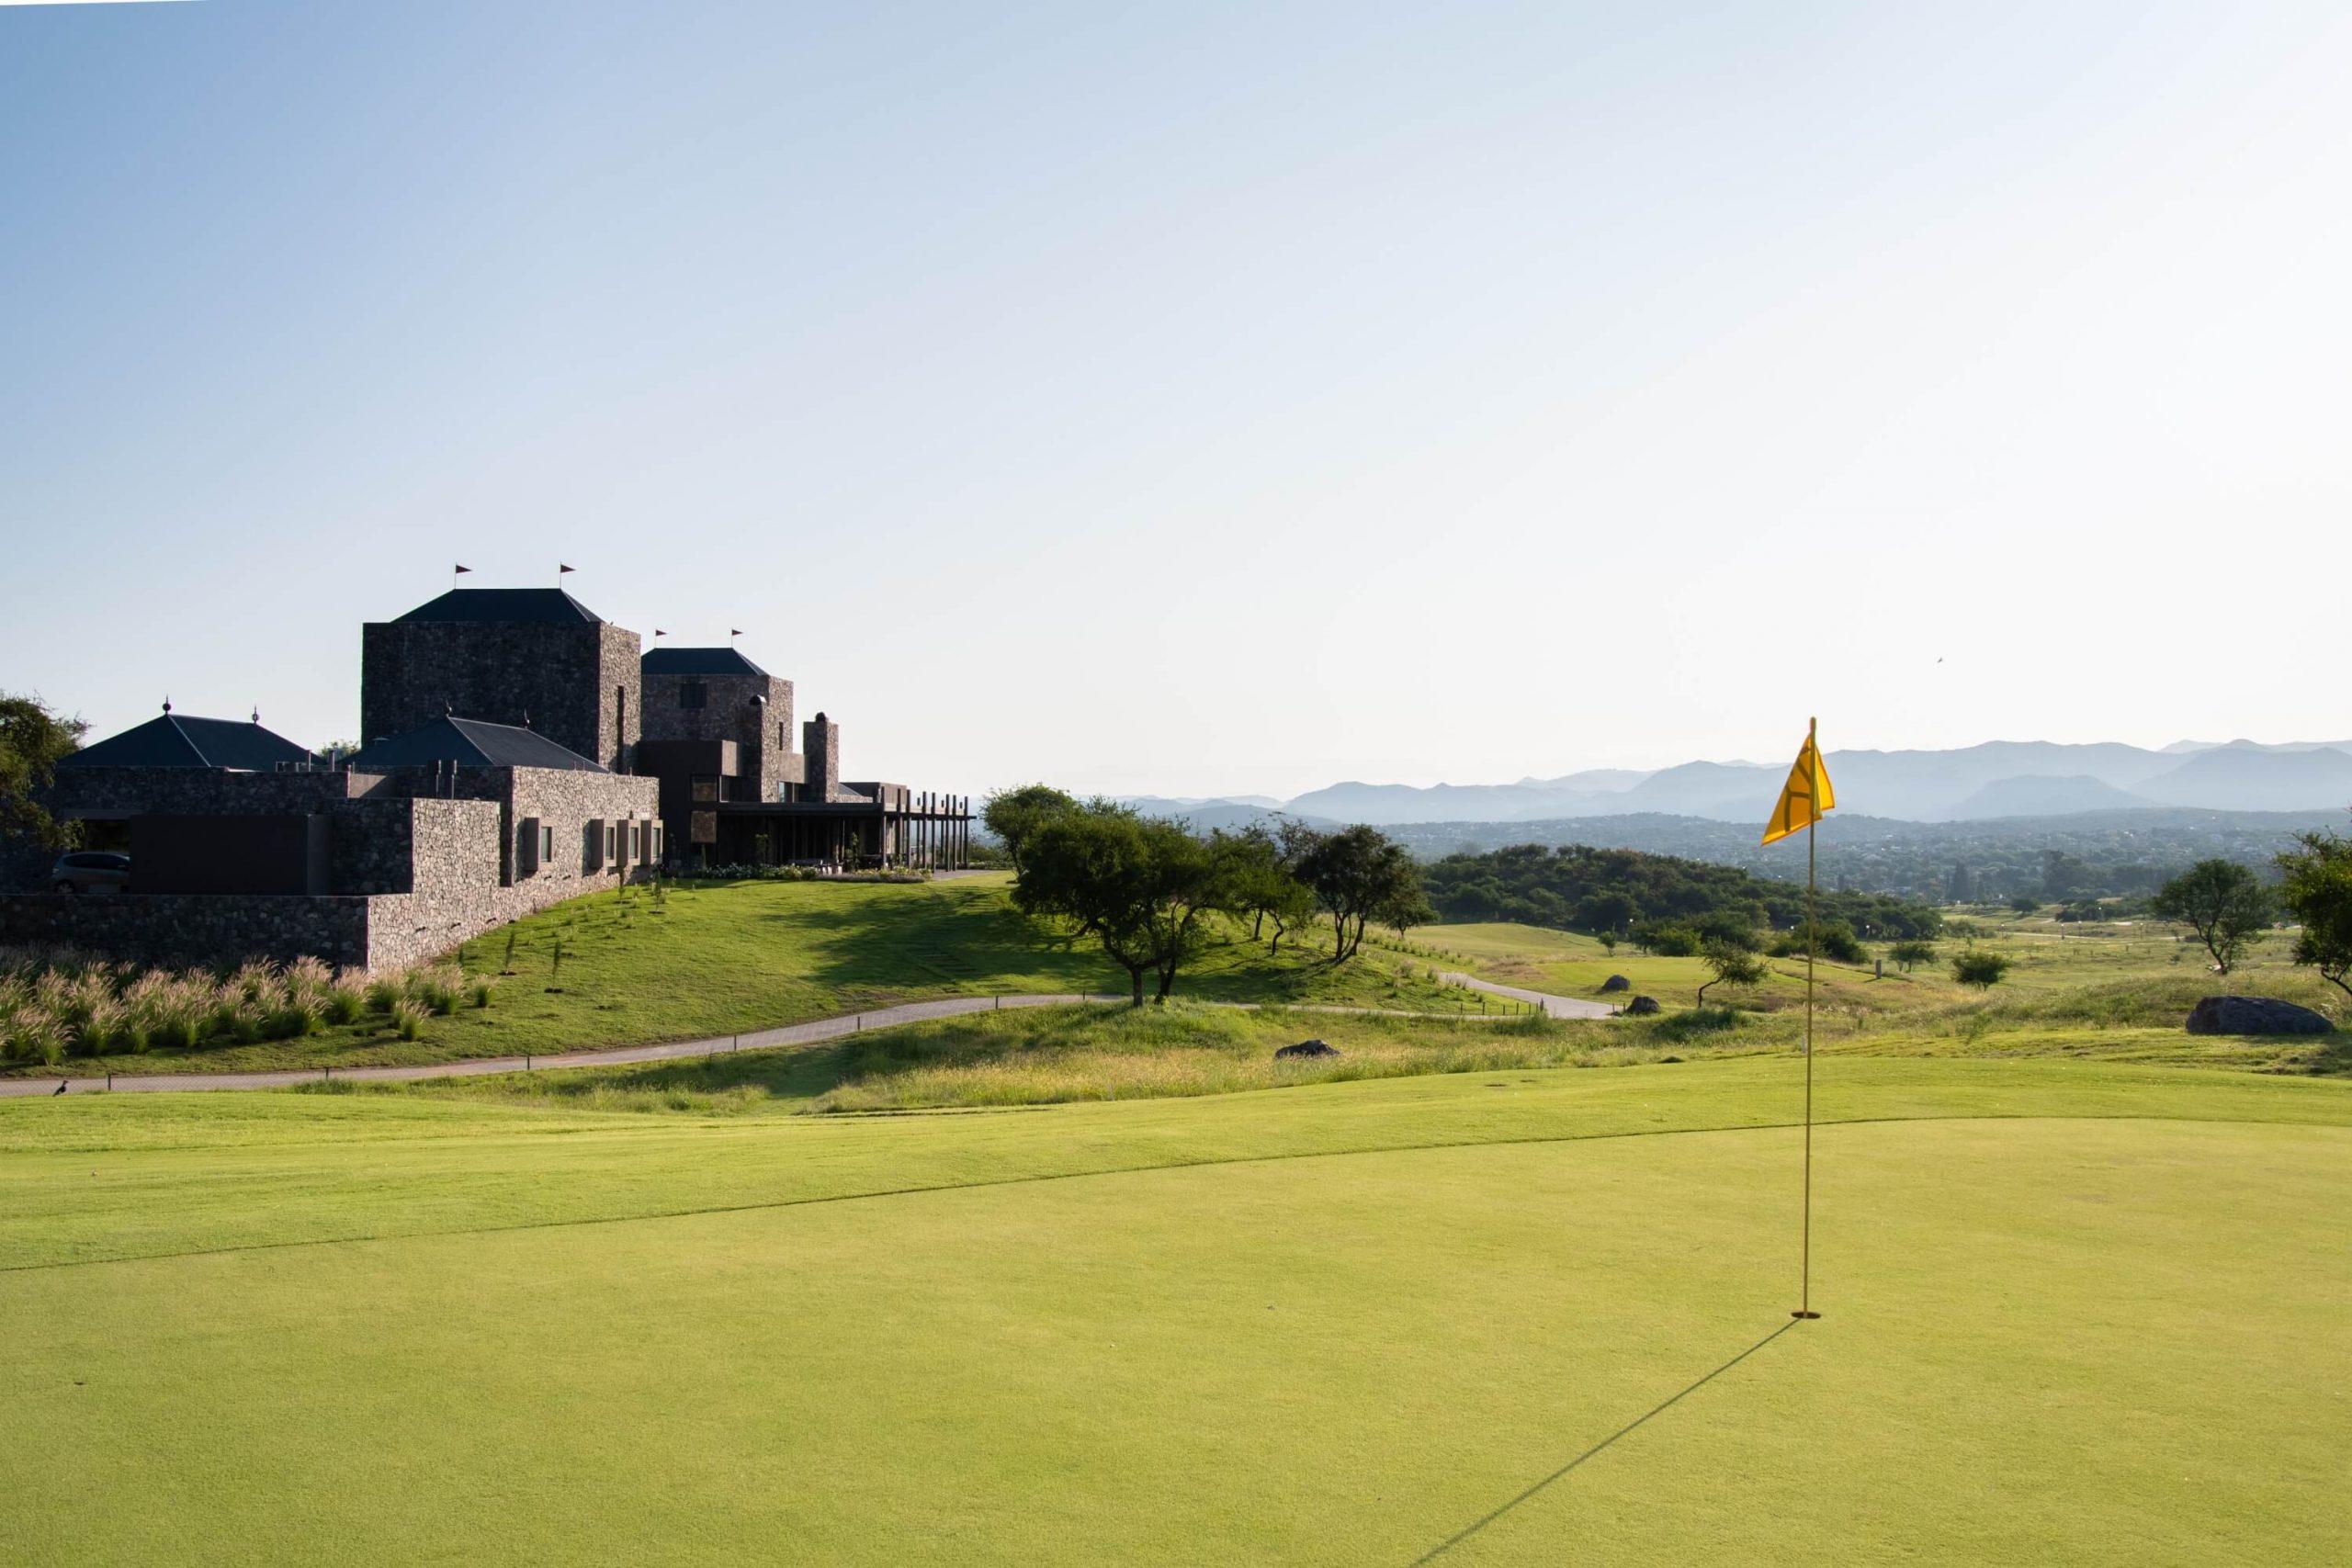 Campo de Golf de El Terrón. De fondo el Club House y un paisaje serrano.